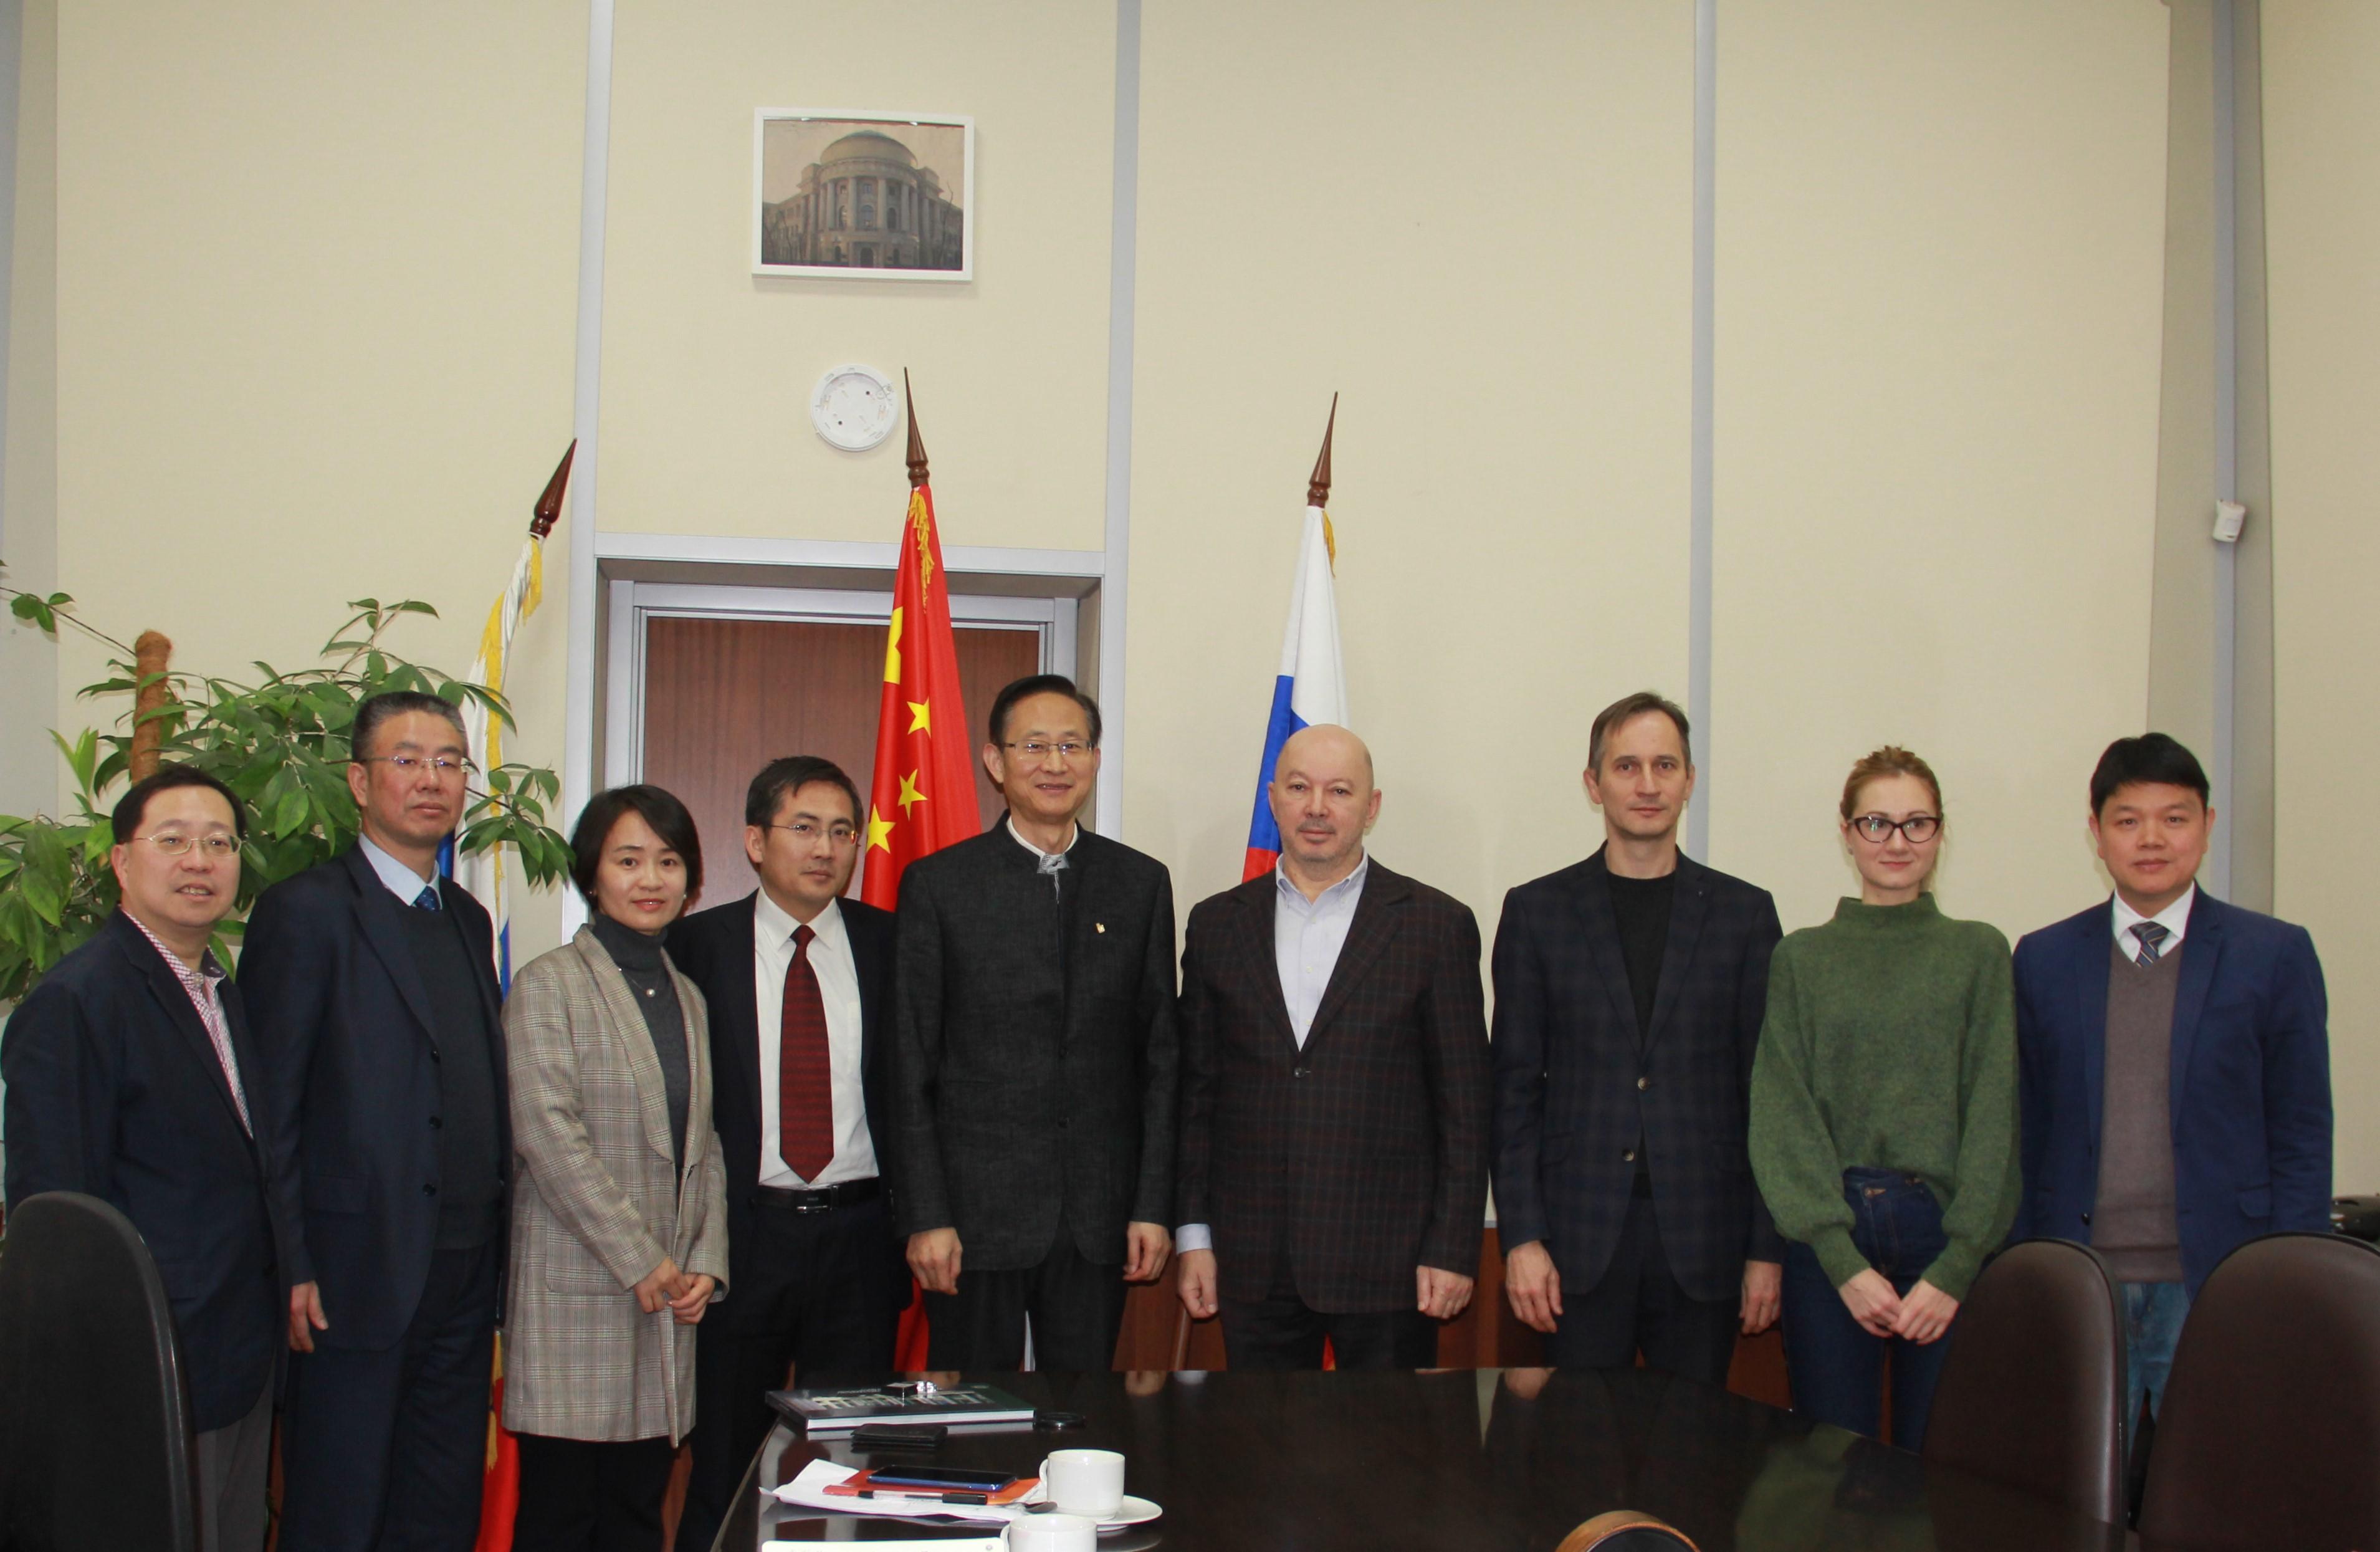 教育学部主任袁振国率团访问俄罗斯友好院校